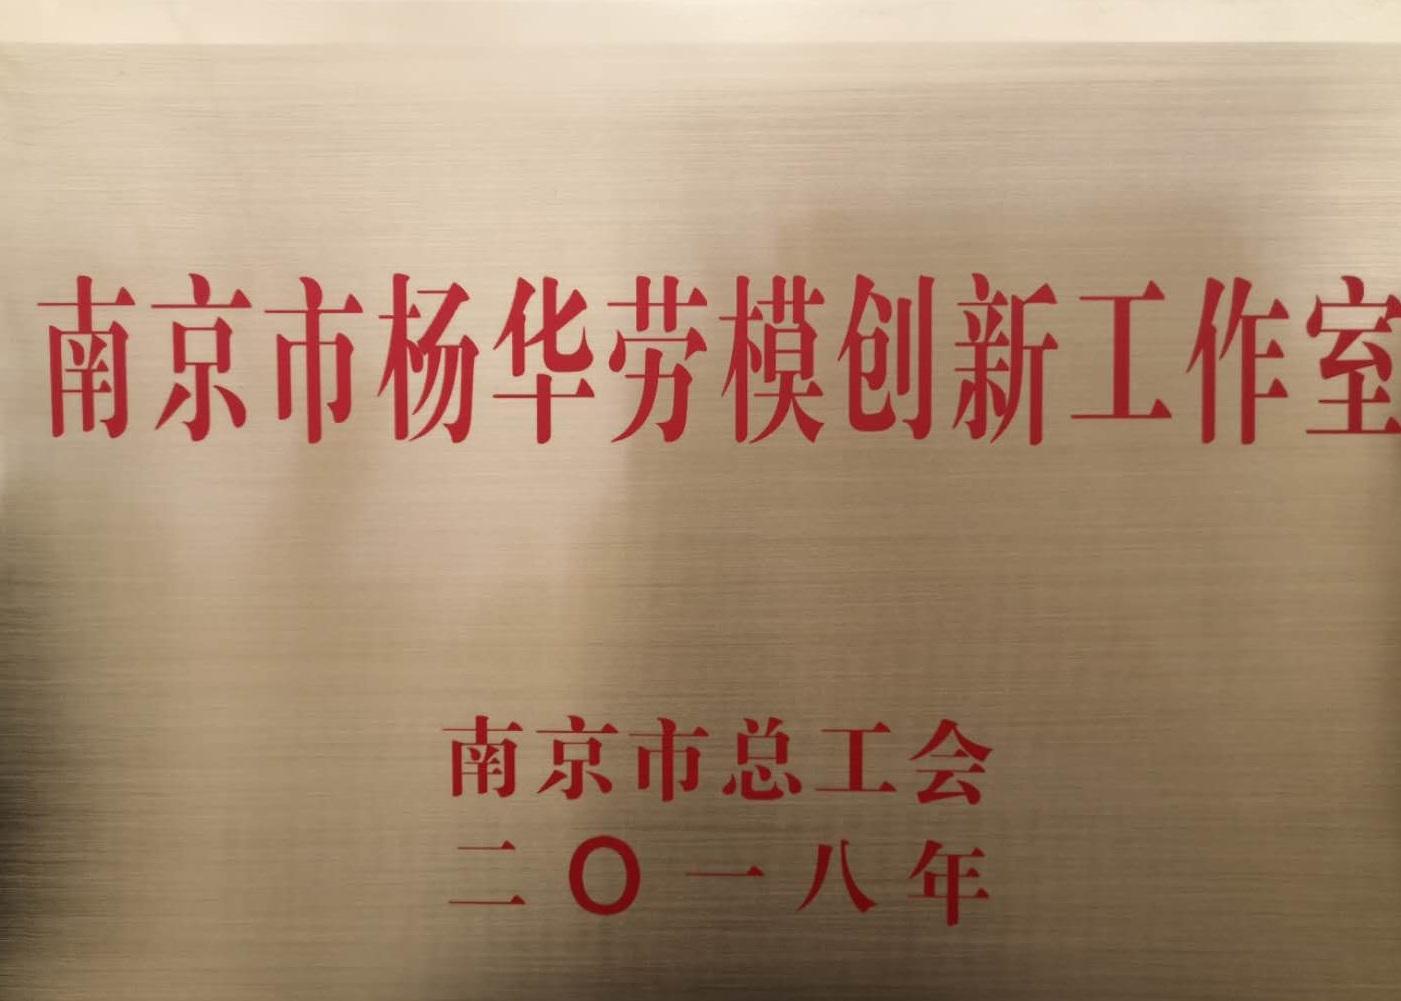 """运营公司""""杨华创新工作室""""获评""""南京市杨华劳模创新工作室"""""""